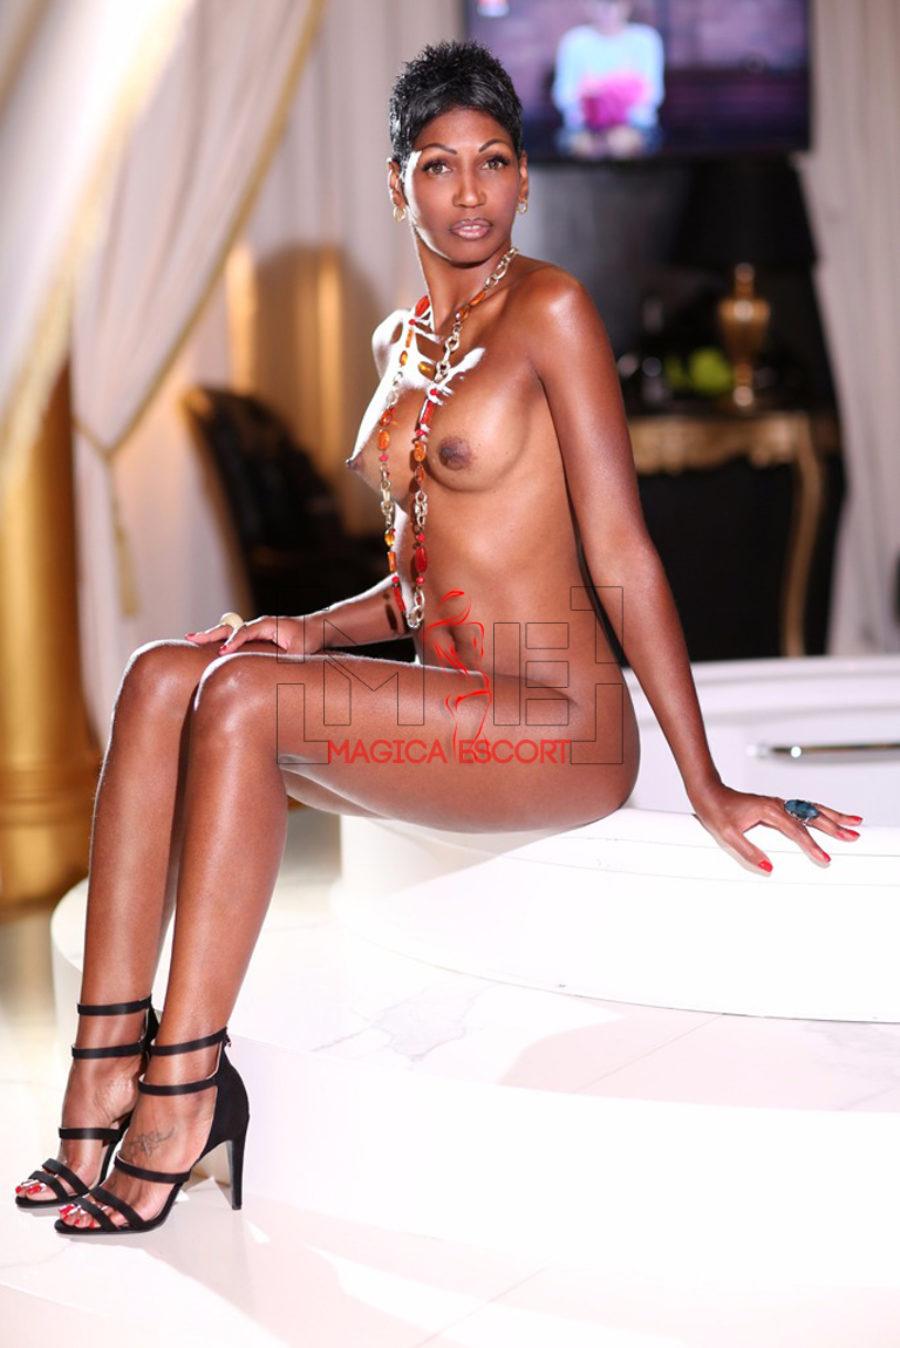 Escort cubana Sharon è bellissima. Nuda e seduta nel suo letto. Magica Escort.